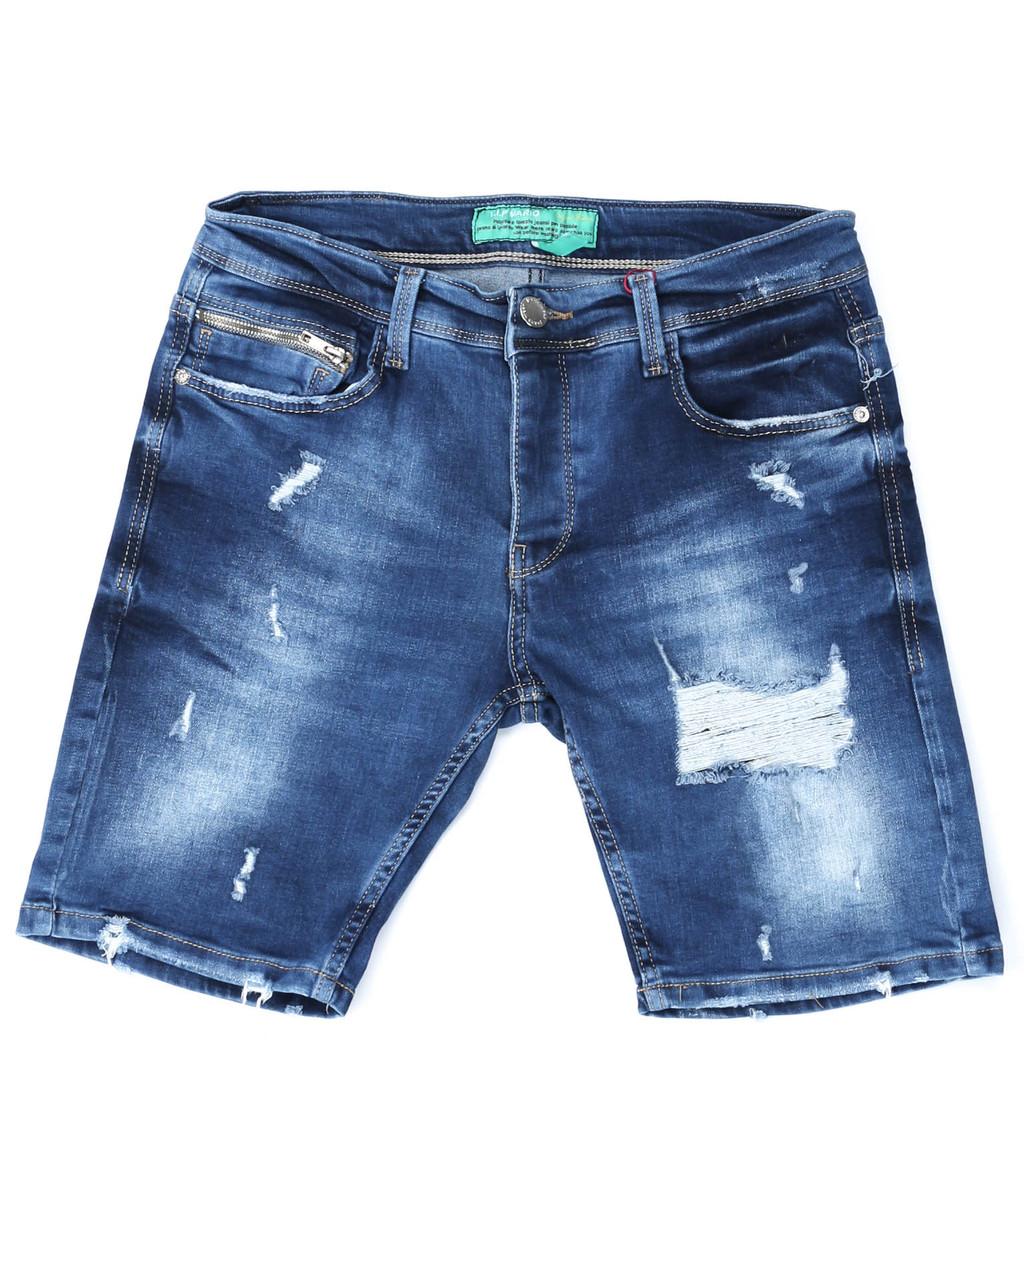 Шорты джинс MARIO рваные 29(Р) 0168